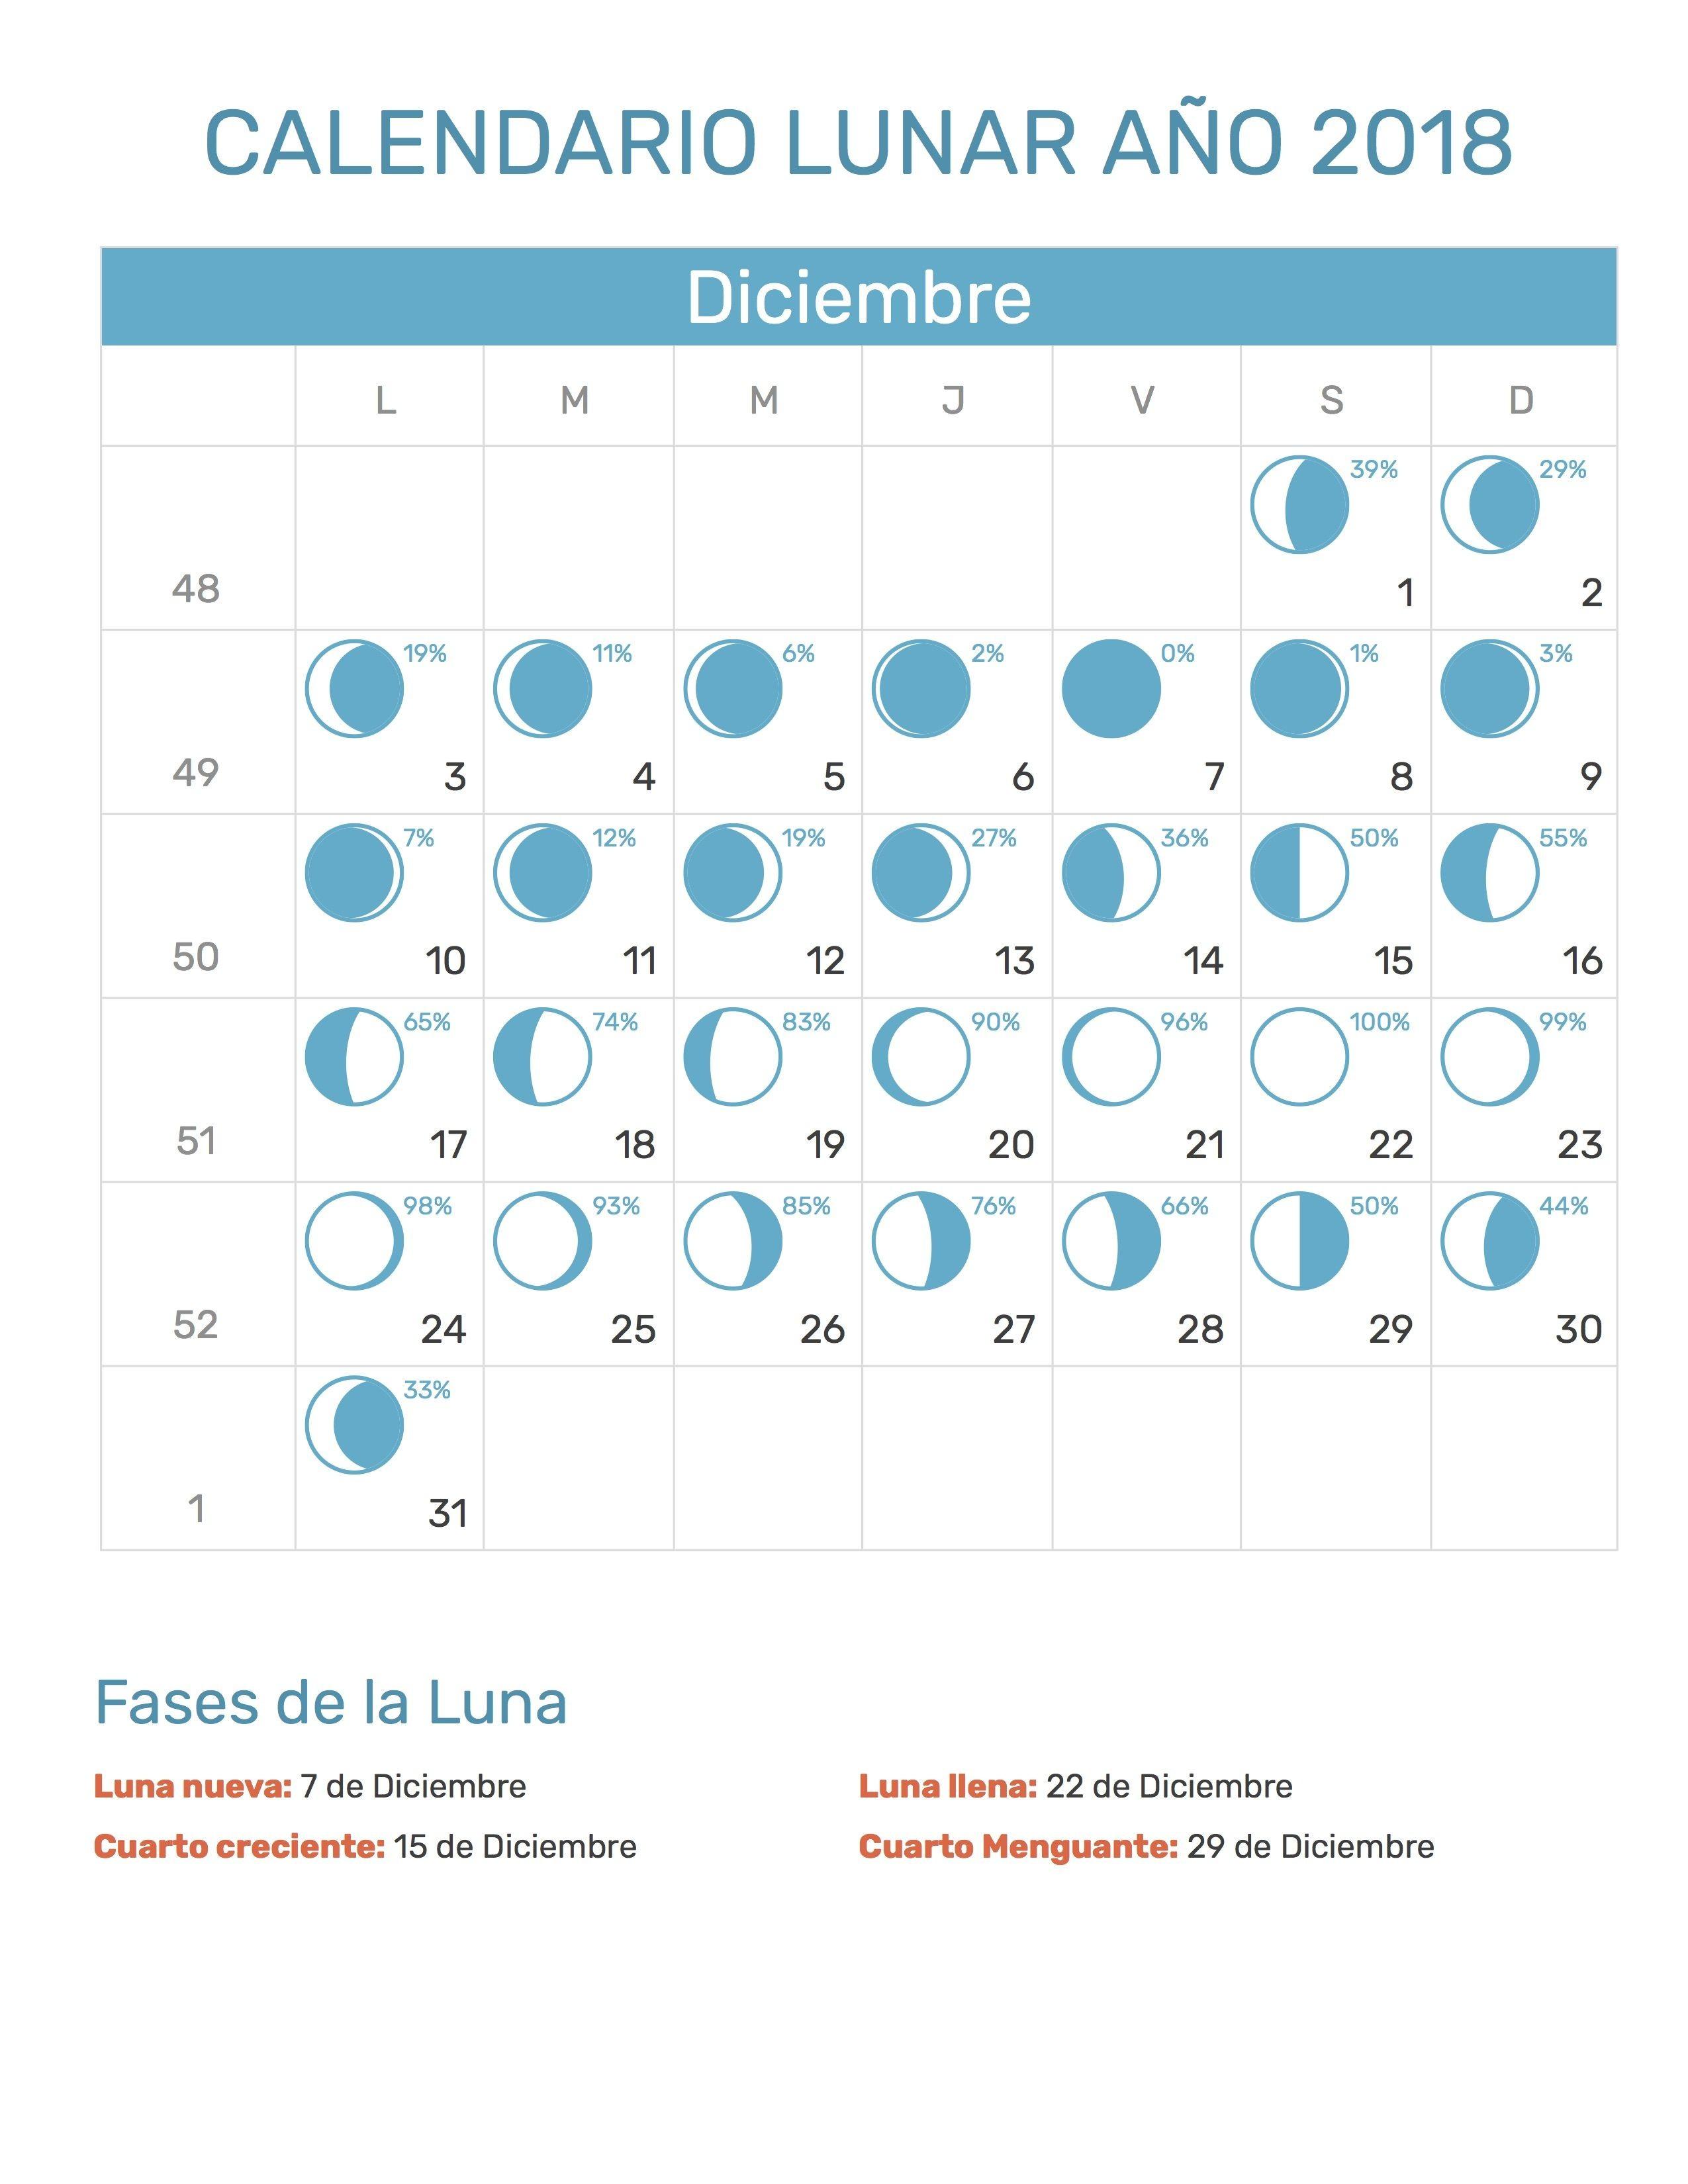 Calendario De 2019 Para Imprimir Gratis Más Actual Pin De Calendario Hispano En Calendario Lunar A±o 2018 Of Calendario De 2019 Para Imprimir Gratis Más Actual Calendário 2019 Calendários Pinterest